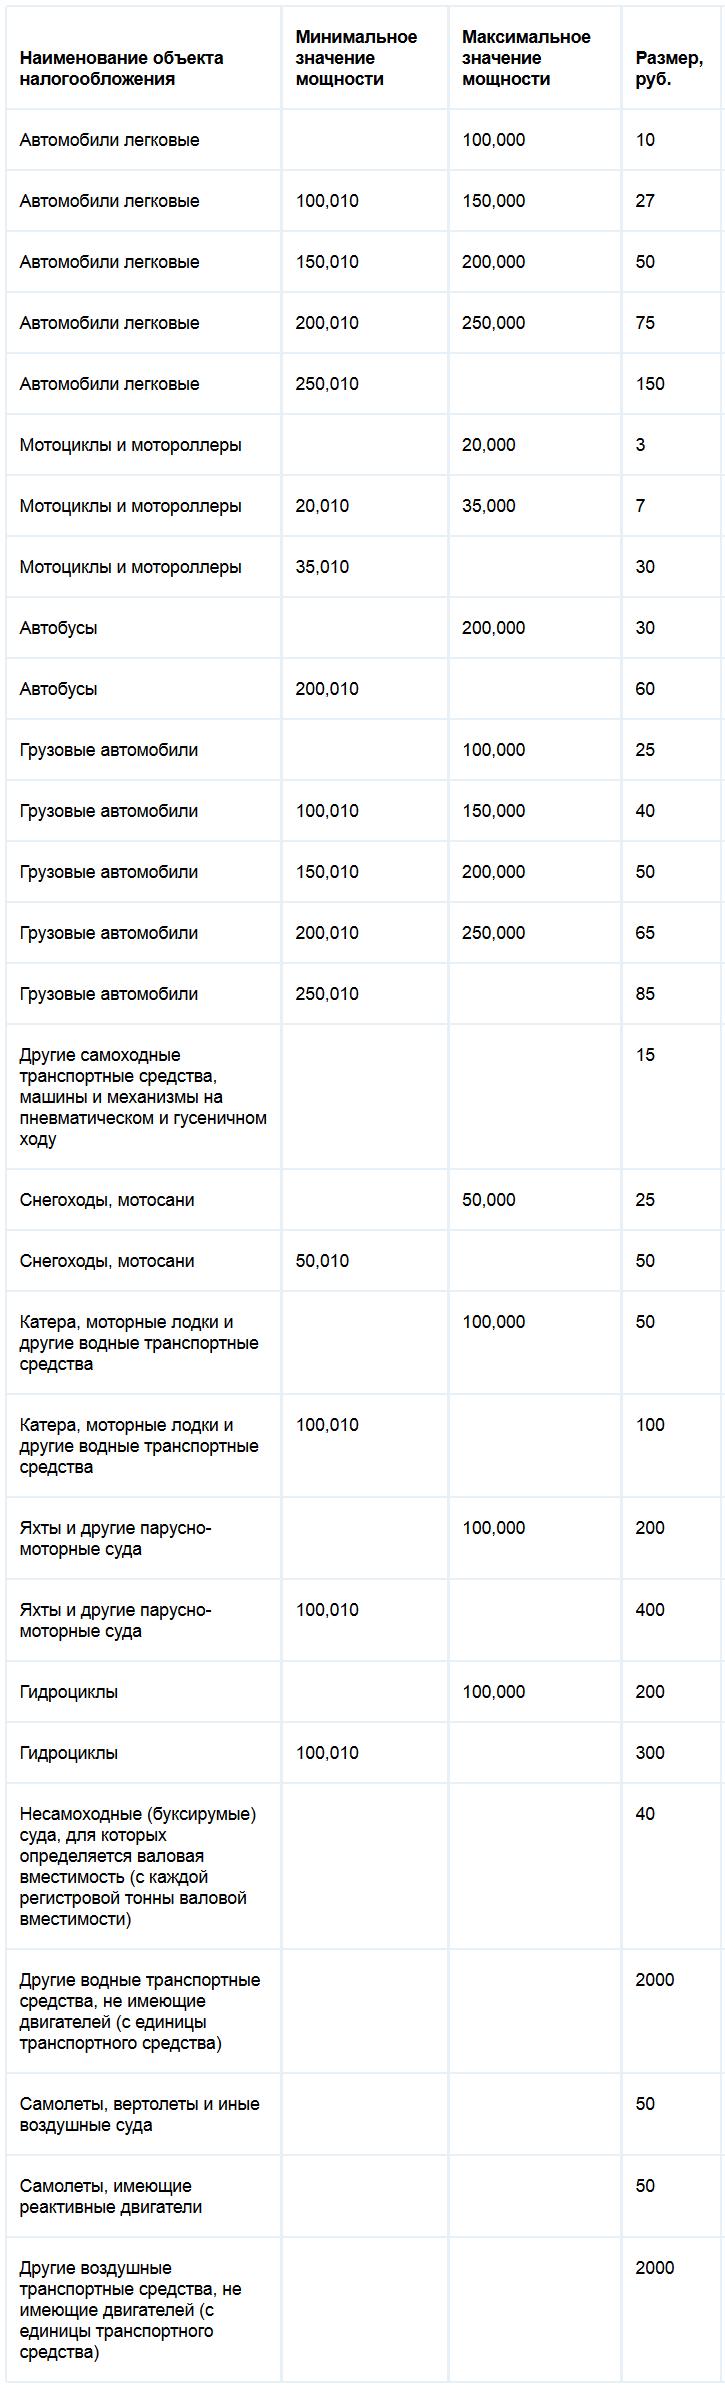 Ставки транспортного налога Курганской области